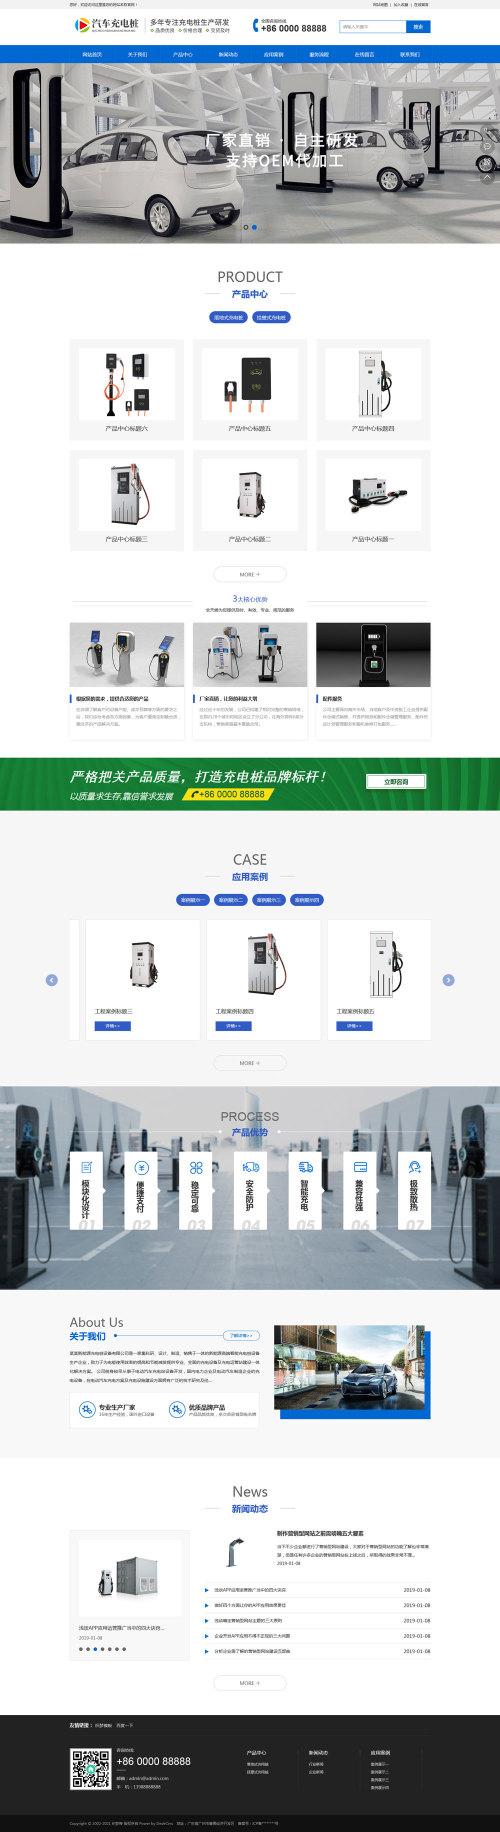 新能源汽车充电桩设备公司网站源码